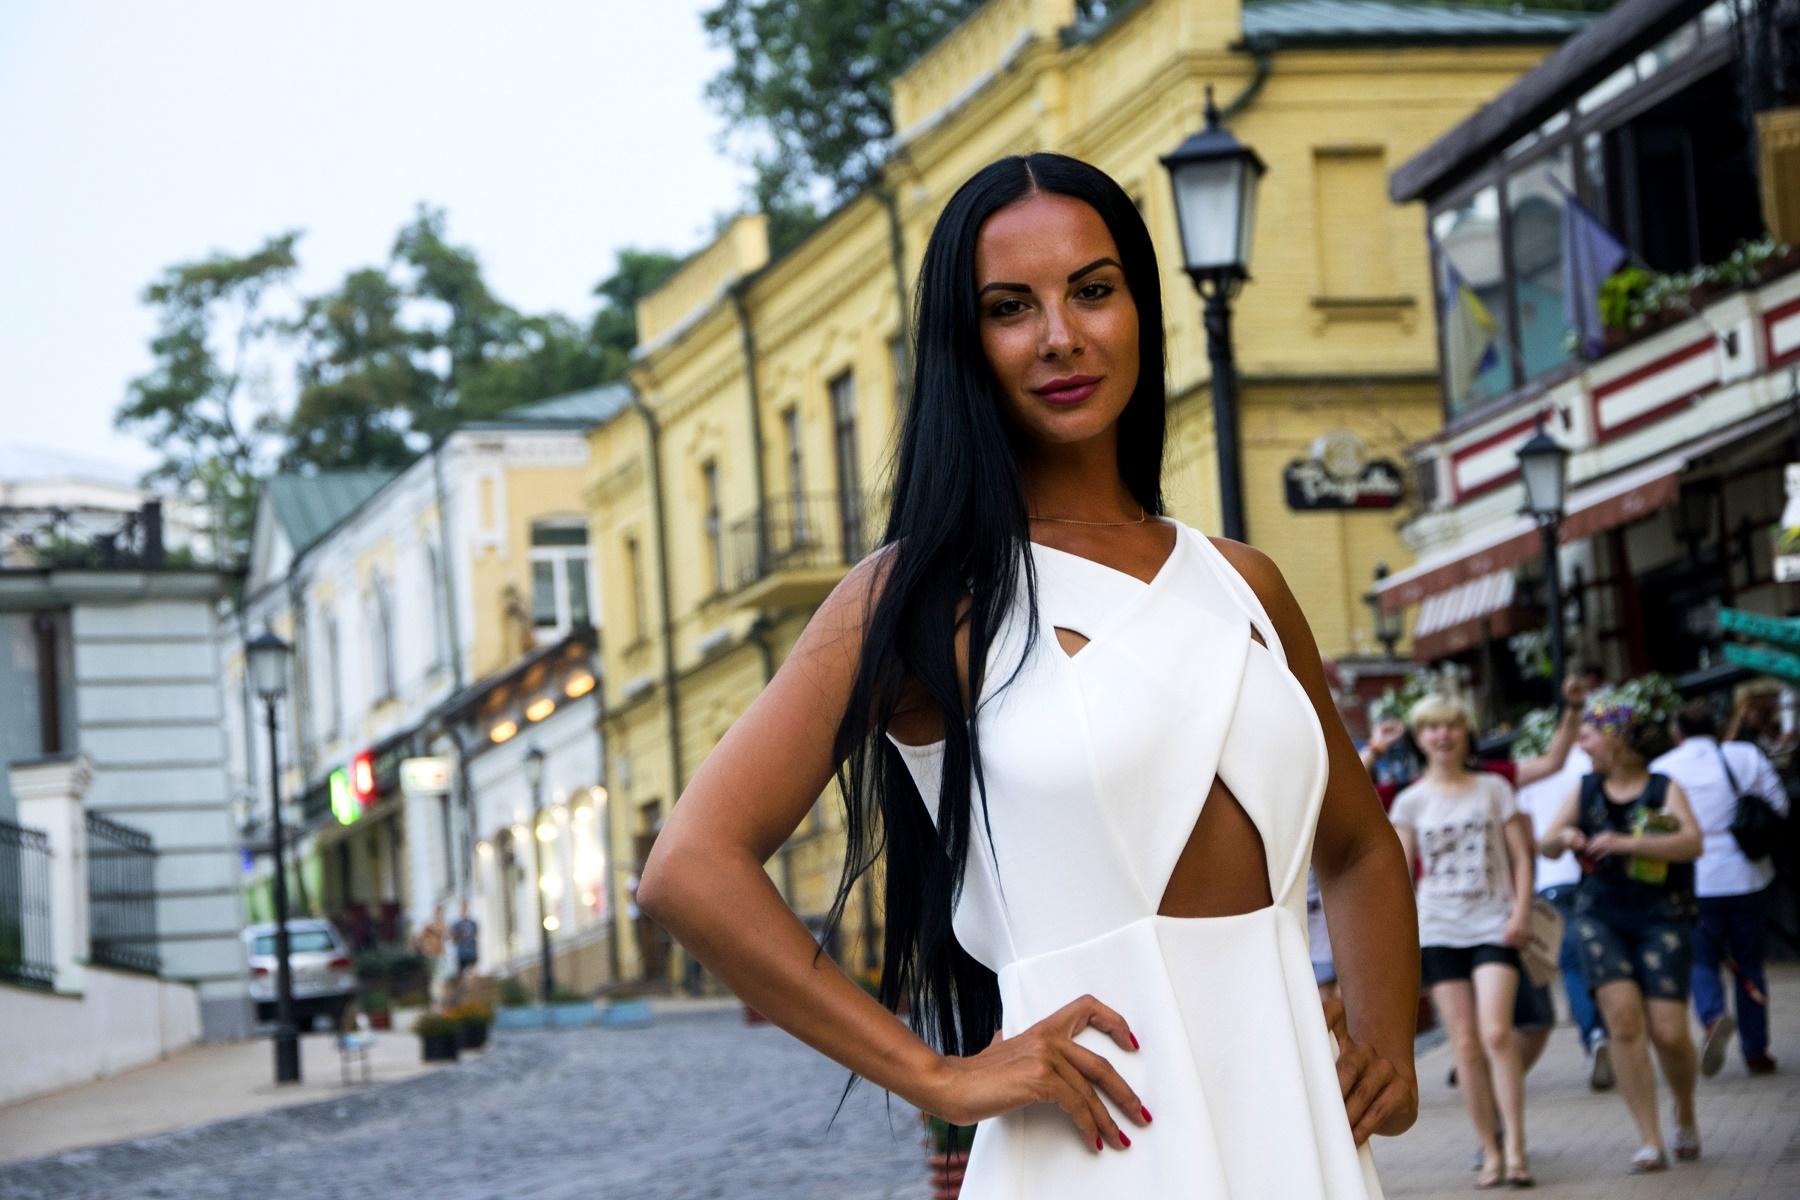 Популярная киевская патрульная Людмила Милевич высказалась на острые темы